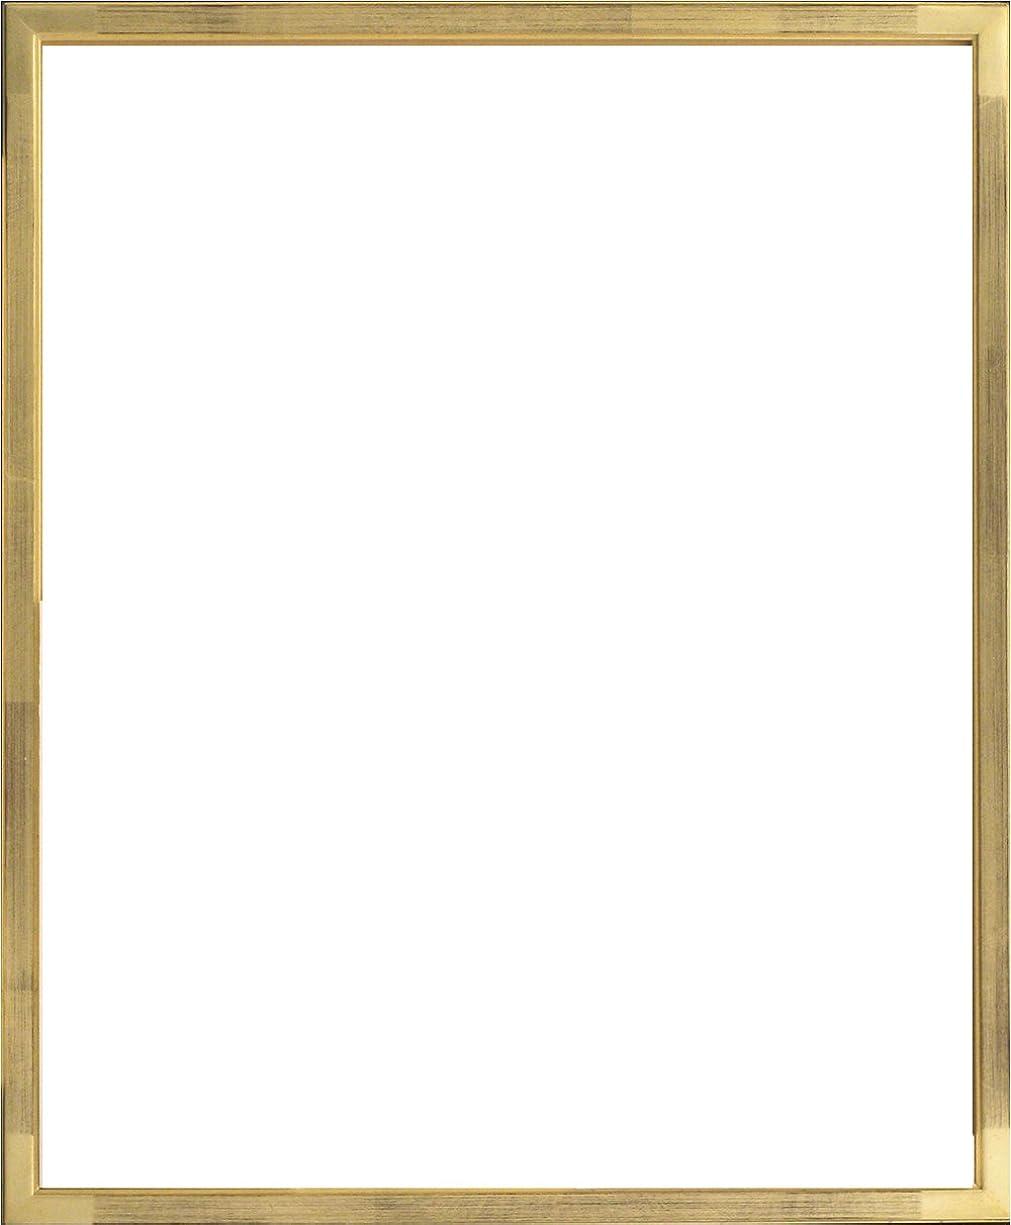 セットする飽和する義務的大額 額縁 デッサン額 7513 八ツ切 ゴールド アクリル